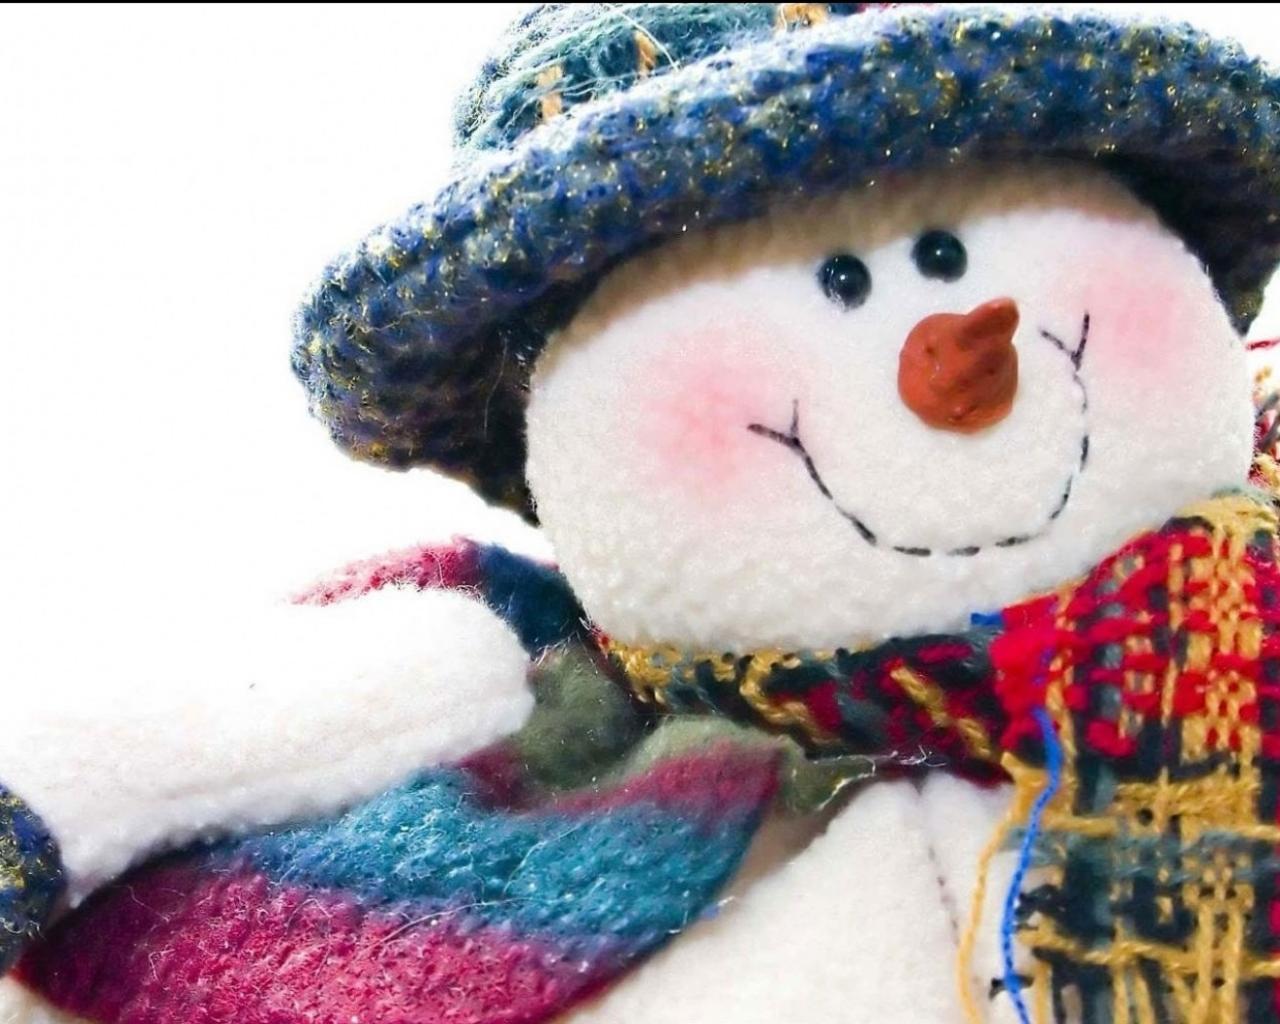 Peluche de hombre las nieves - 1280x1024